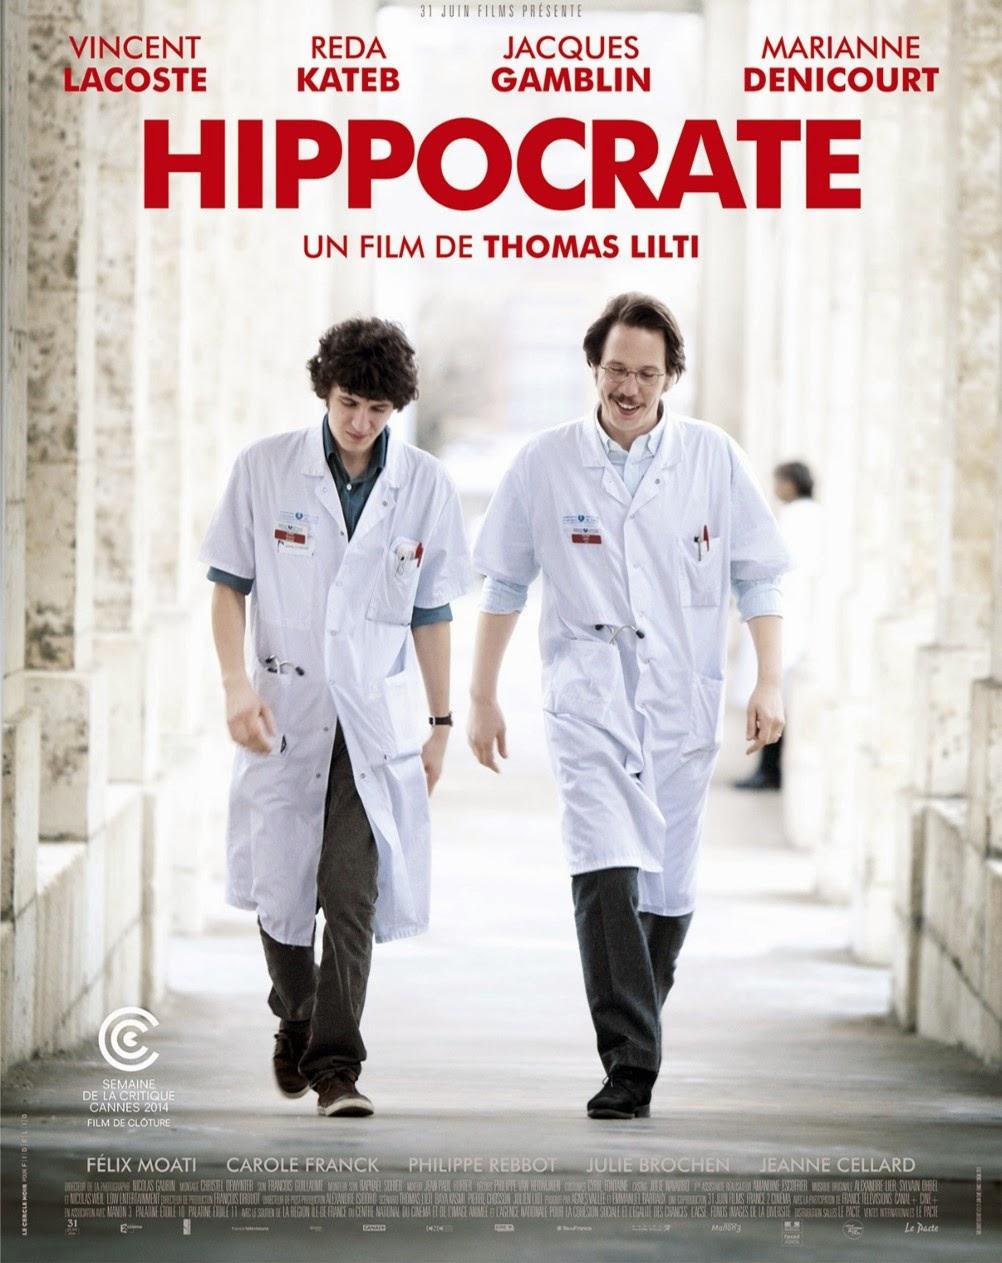 cinema français Hippocrate Thomas Lilti critique hopital Reda Kateb Vincent Lacoste, Le Pacte distributeur film Hippocrate Thomas Lilti